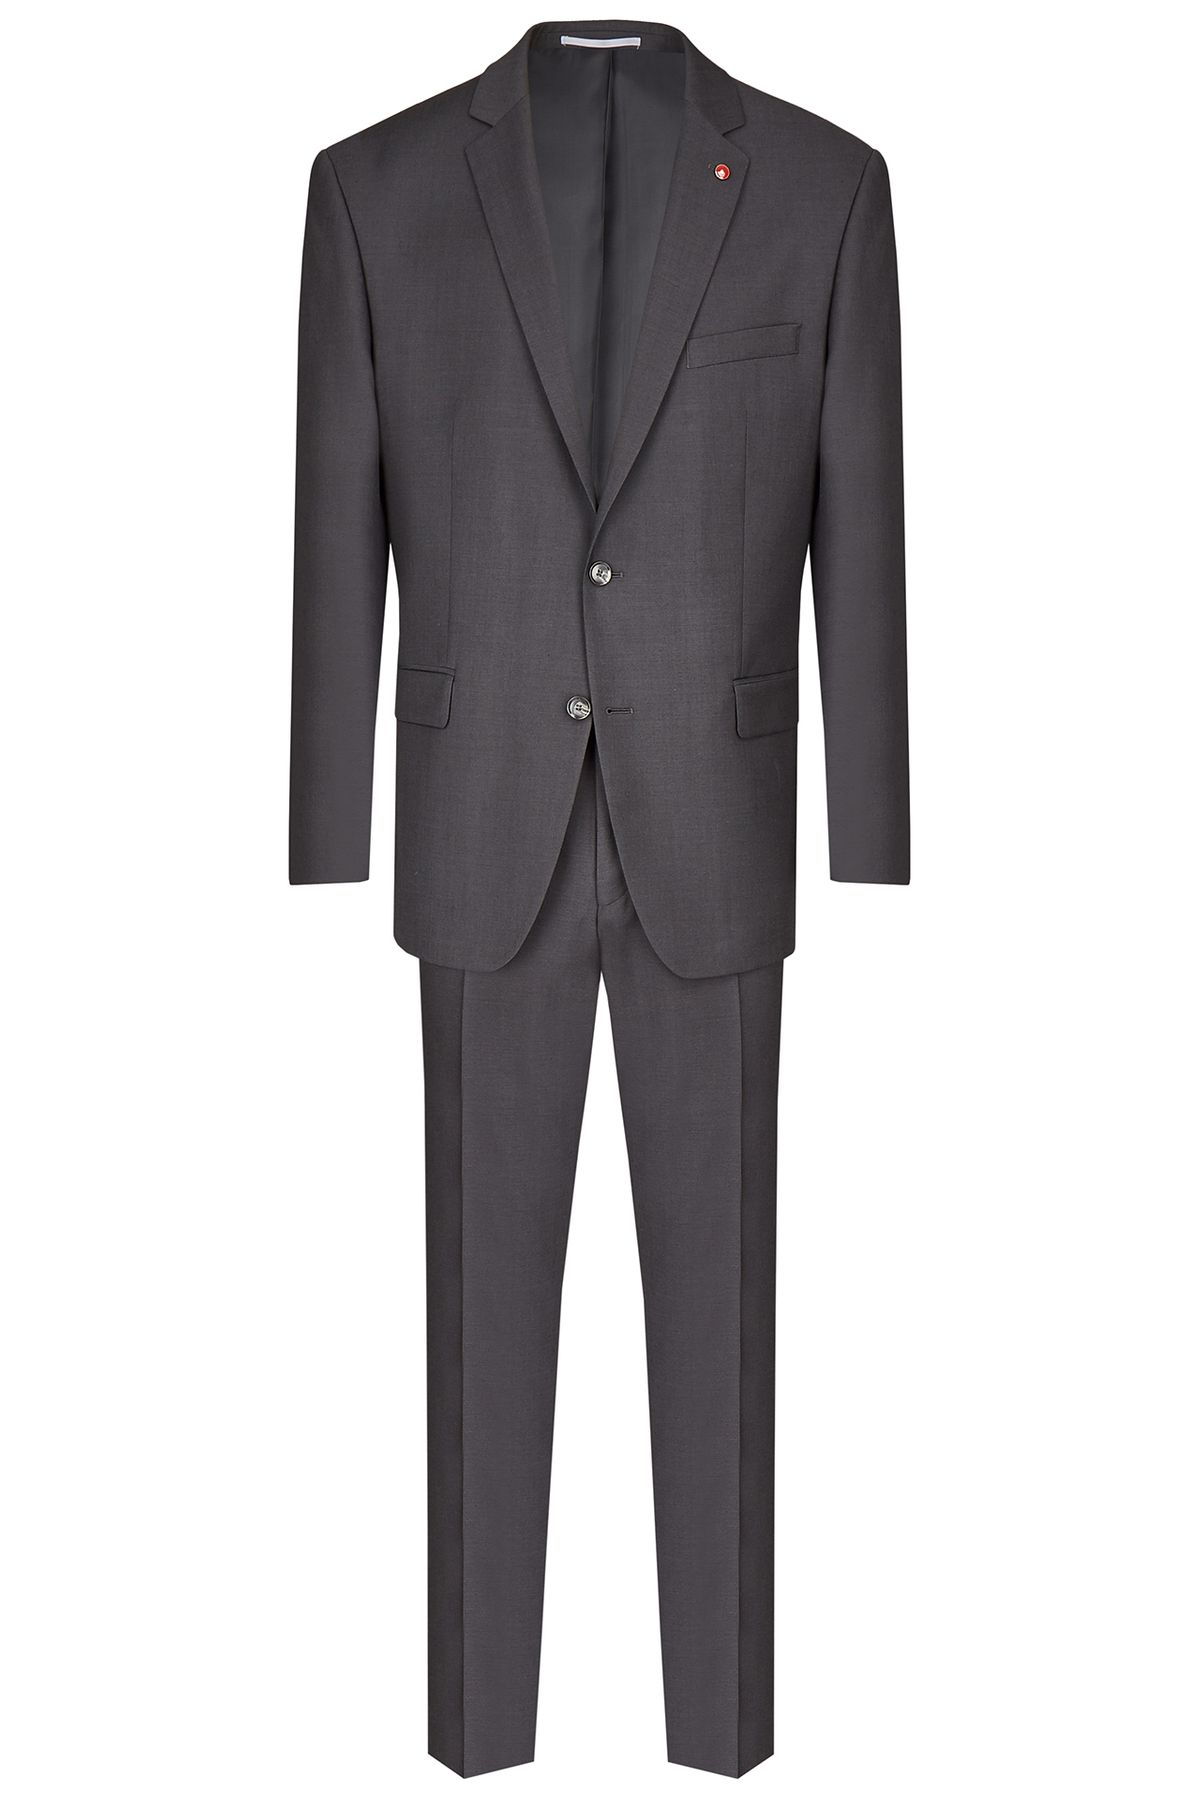 Atelier Torino - Modern Fit - Herren Baukasten Anzug aus reiner Schurwolle, Weber: Marzotto, Roma SS/Aldo (07044) – Bild 2